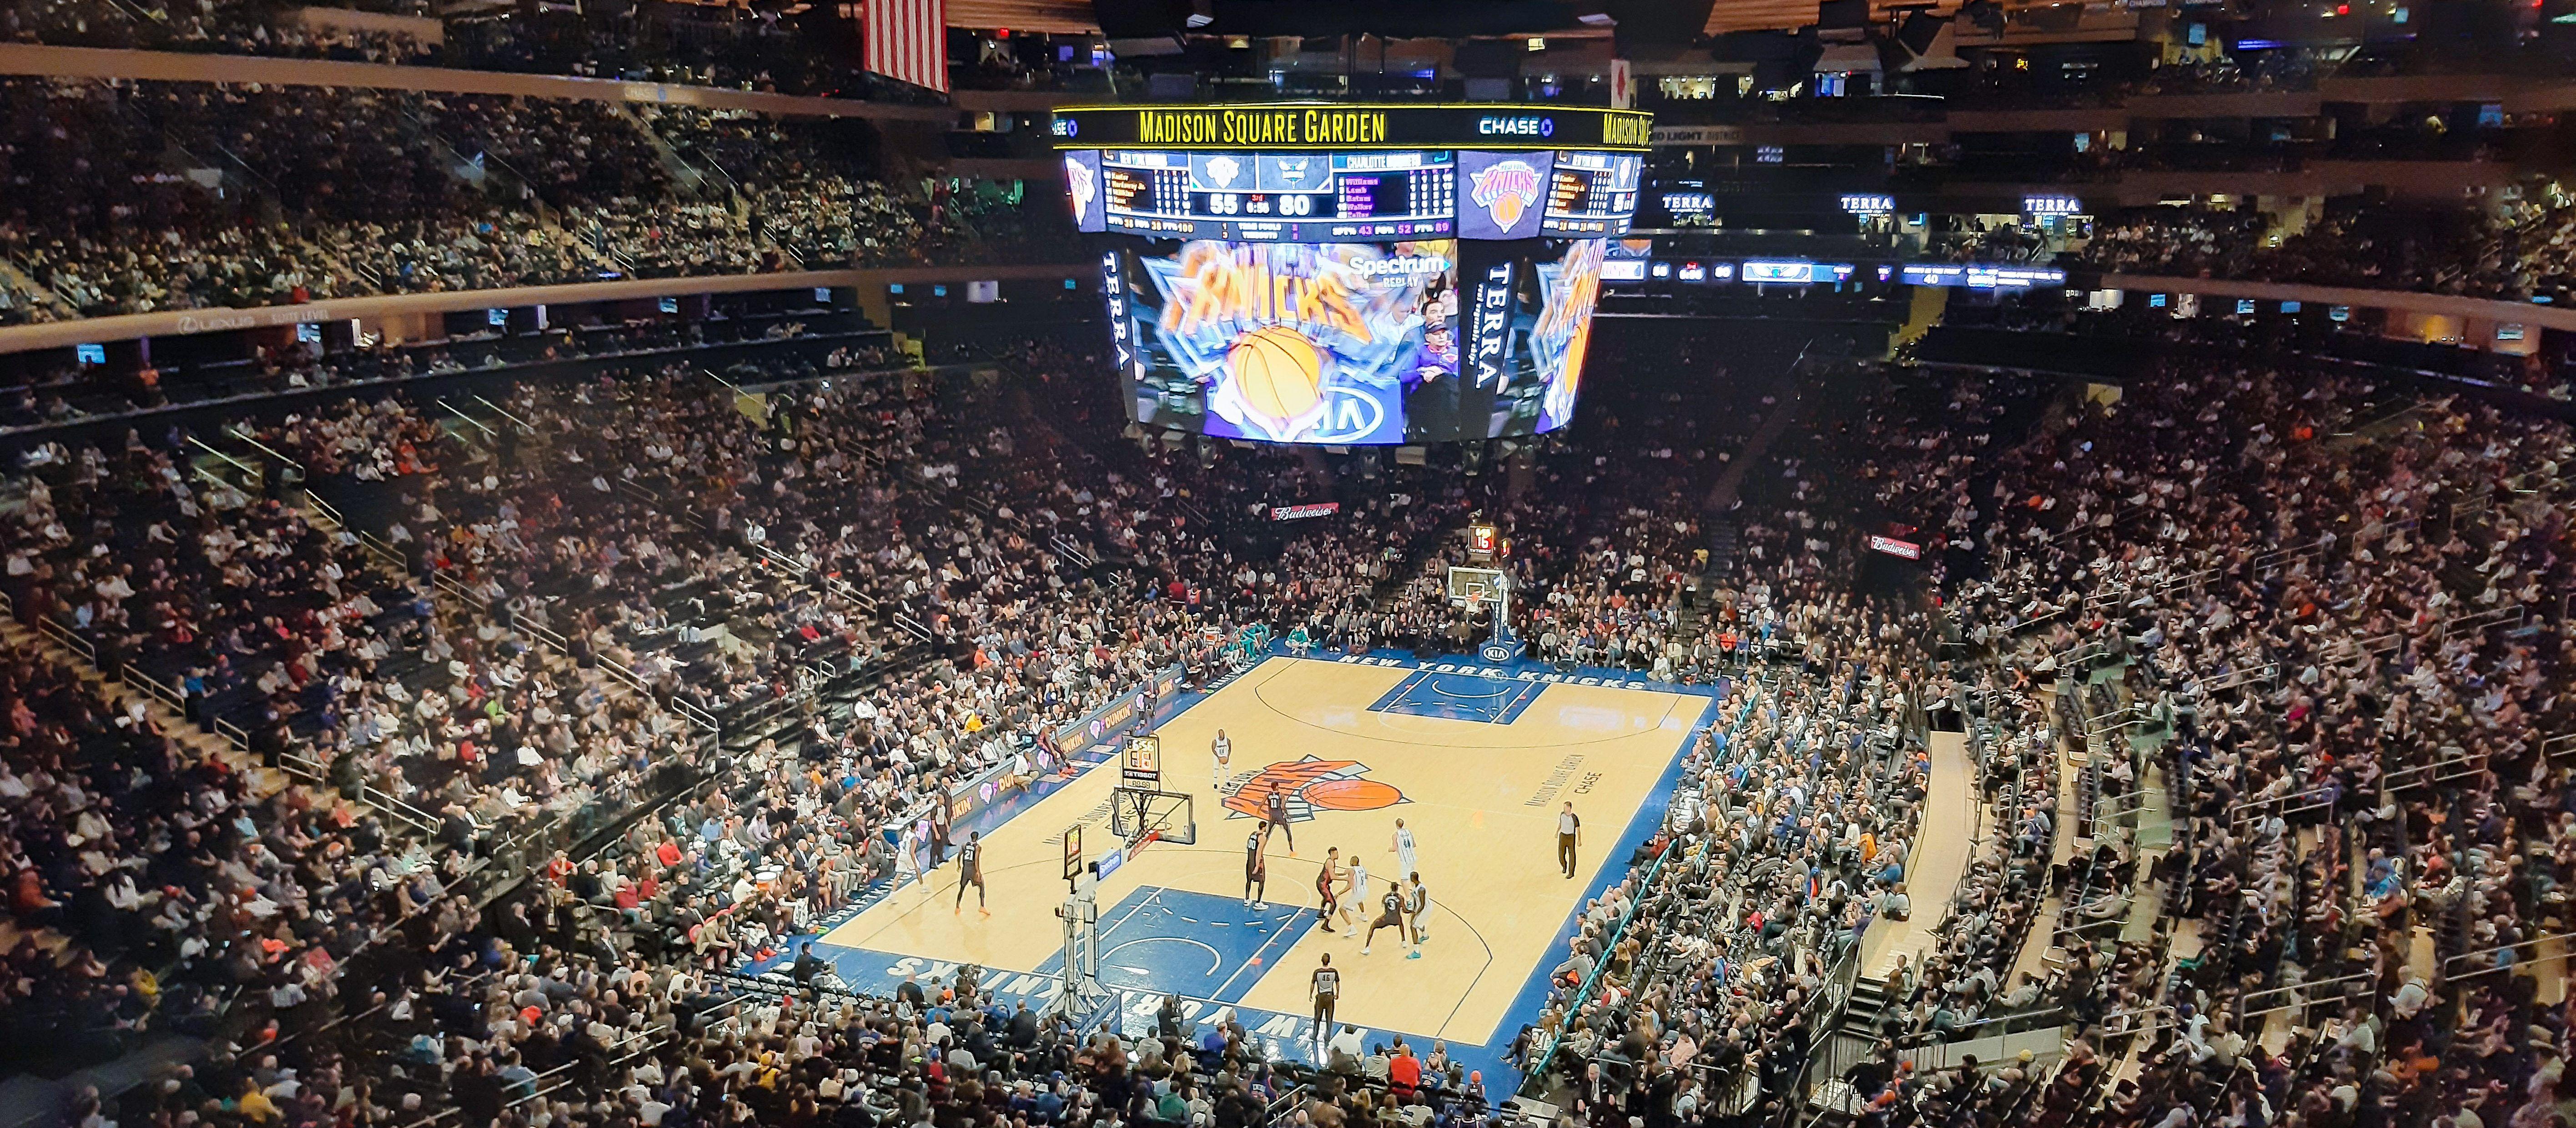 Die New York Knicks gegen die Charlotte Hornets in der Madison Square Garden Arena in New York City